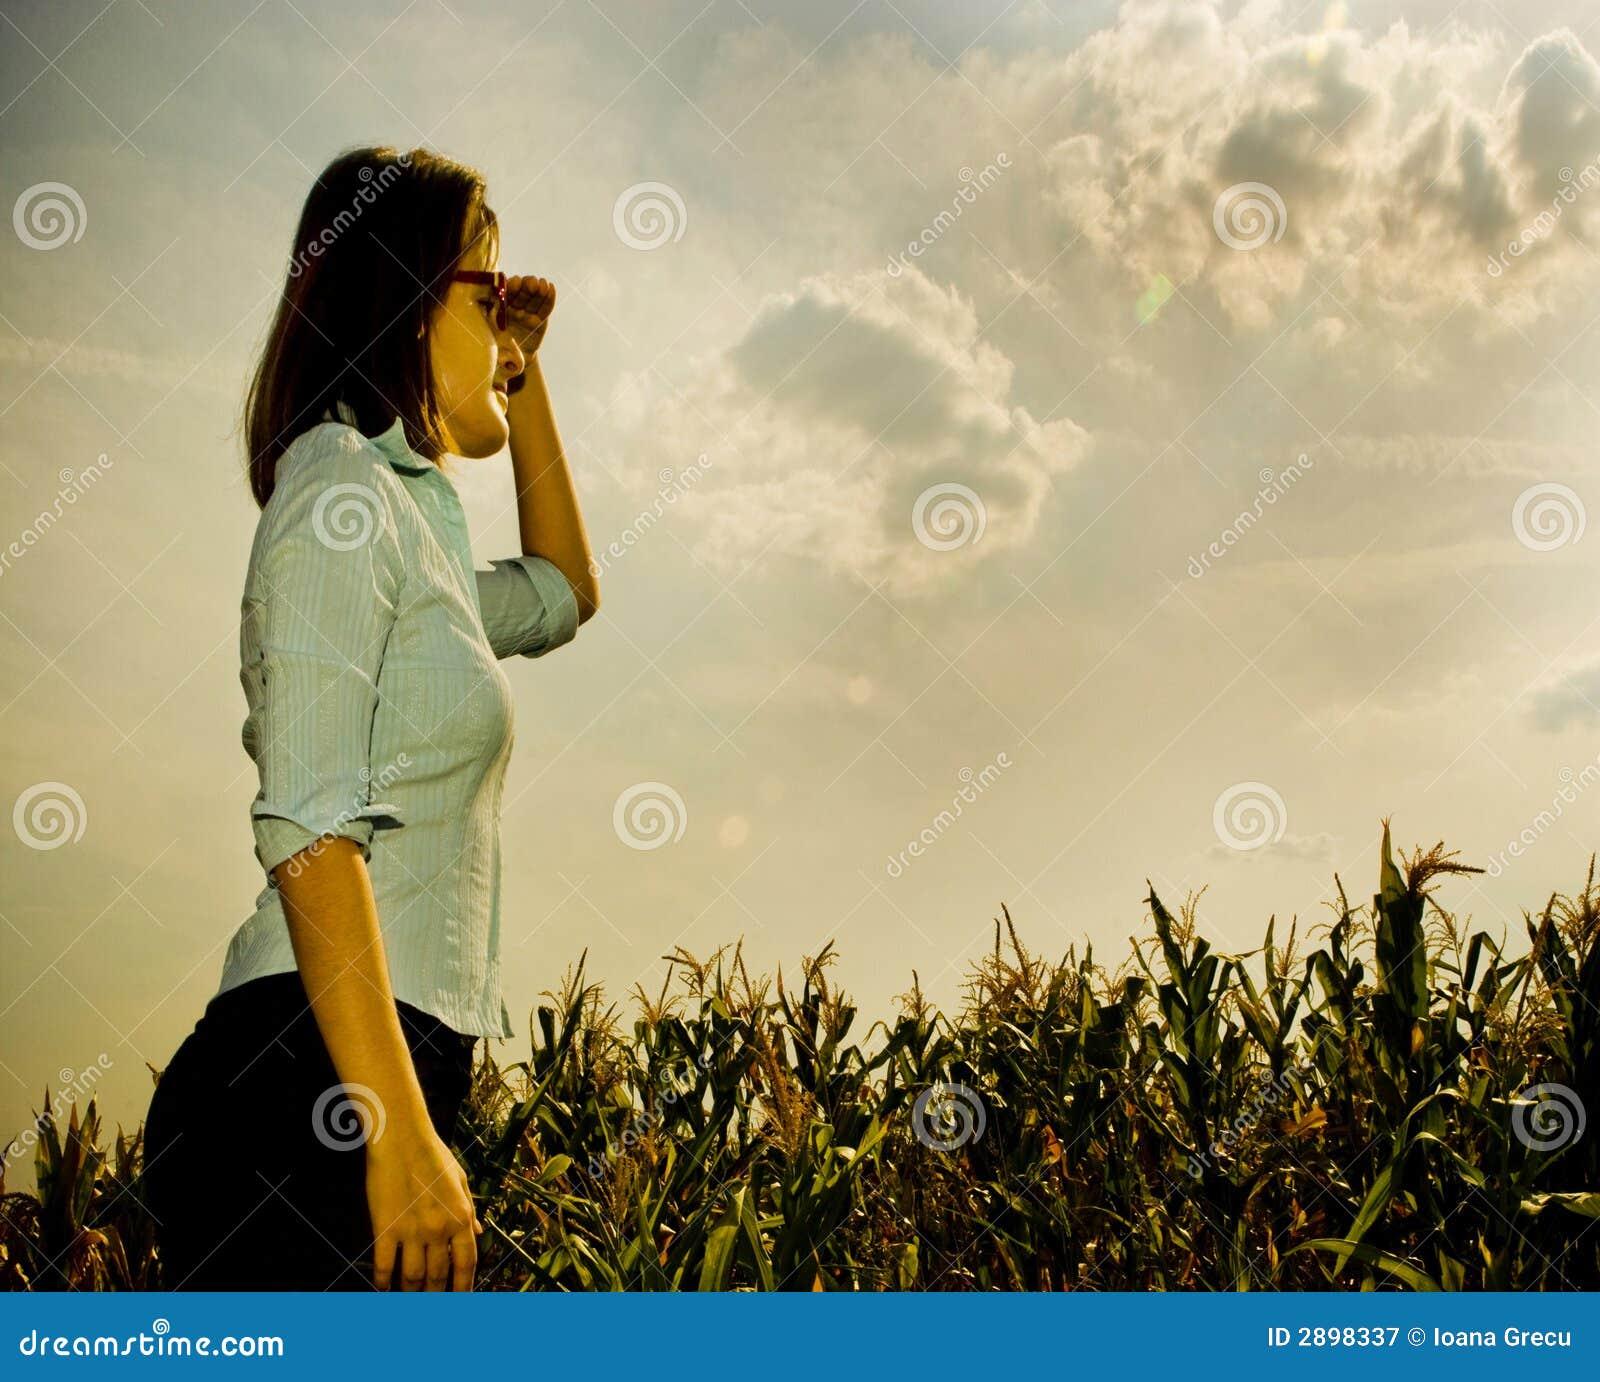 Frau Sucht Zukunft